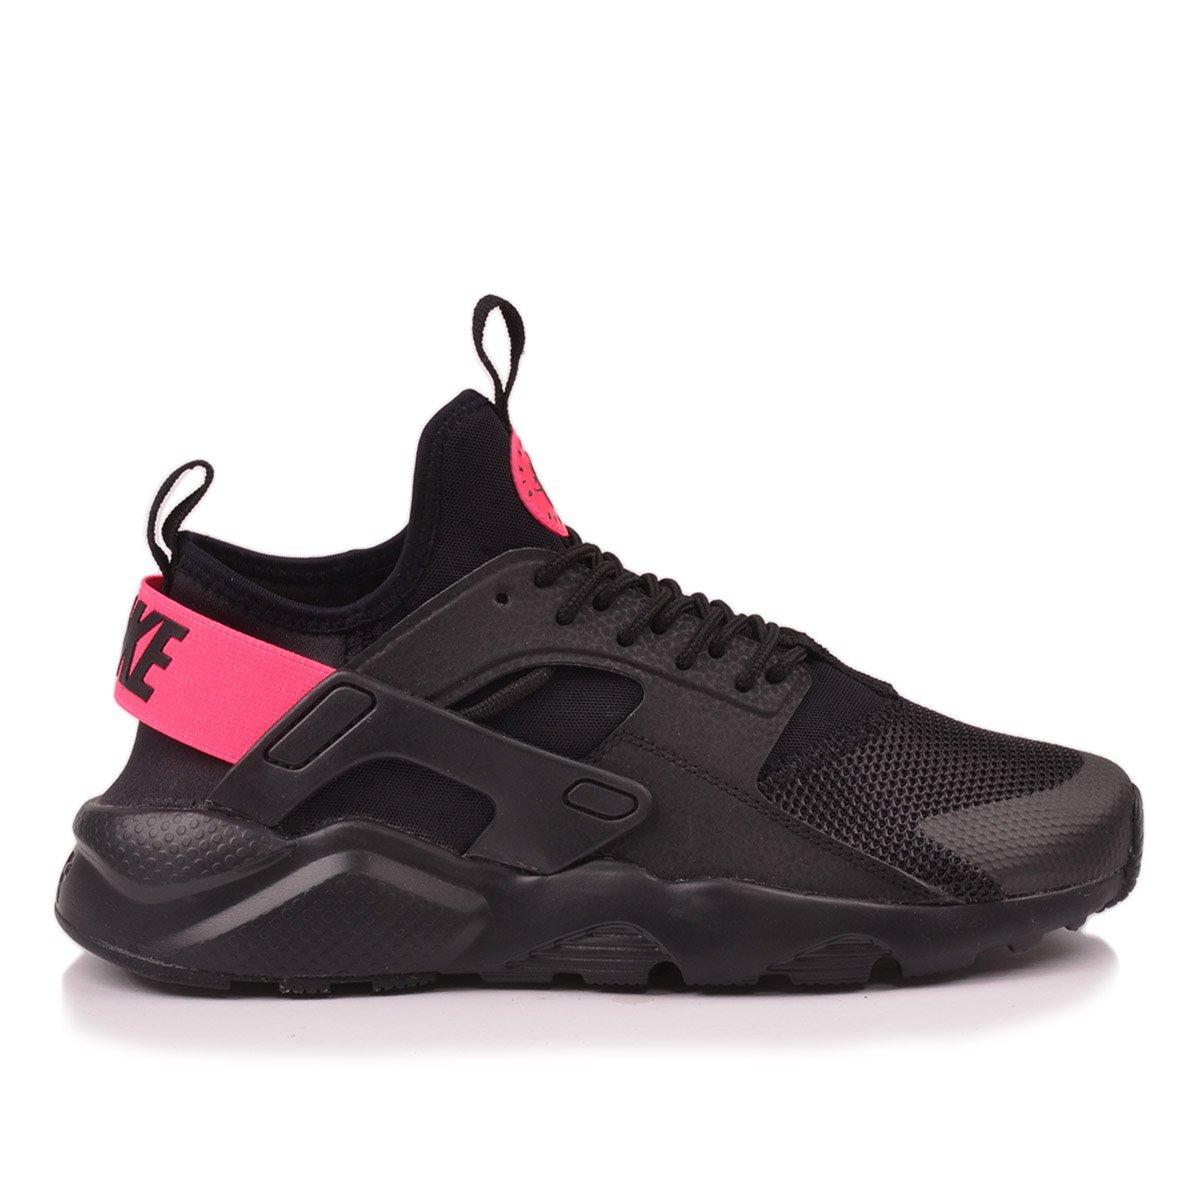 ac704d134f3a Nike AIR Huarache Run Ultra GS - Trainers